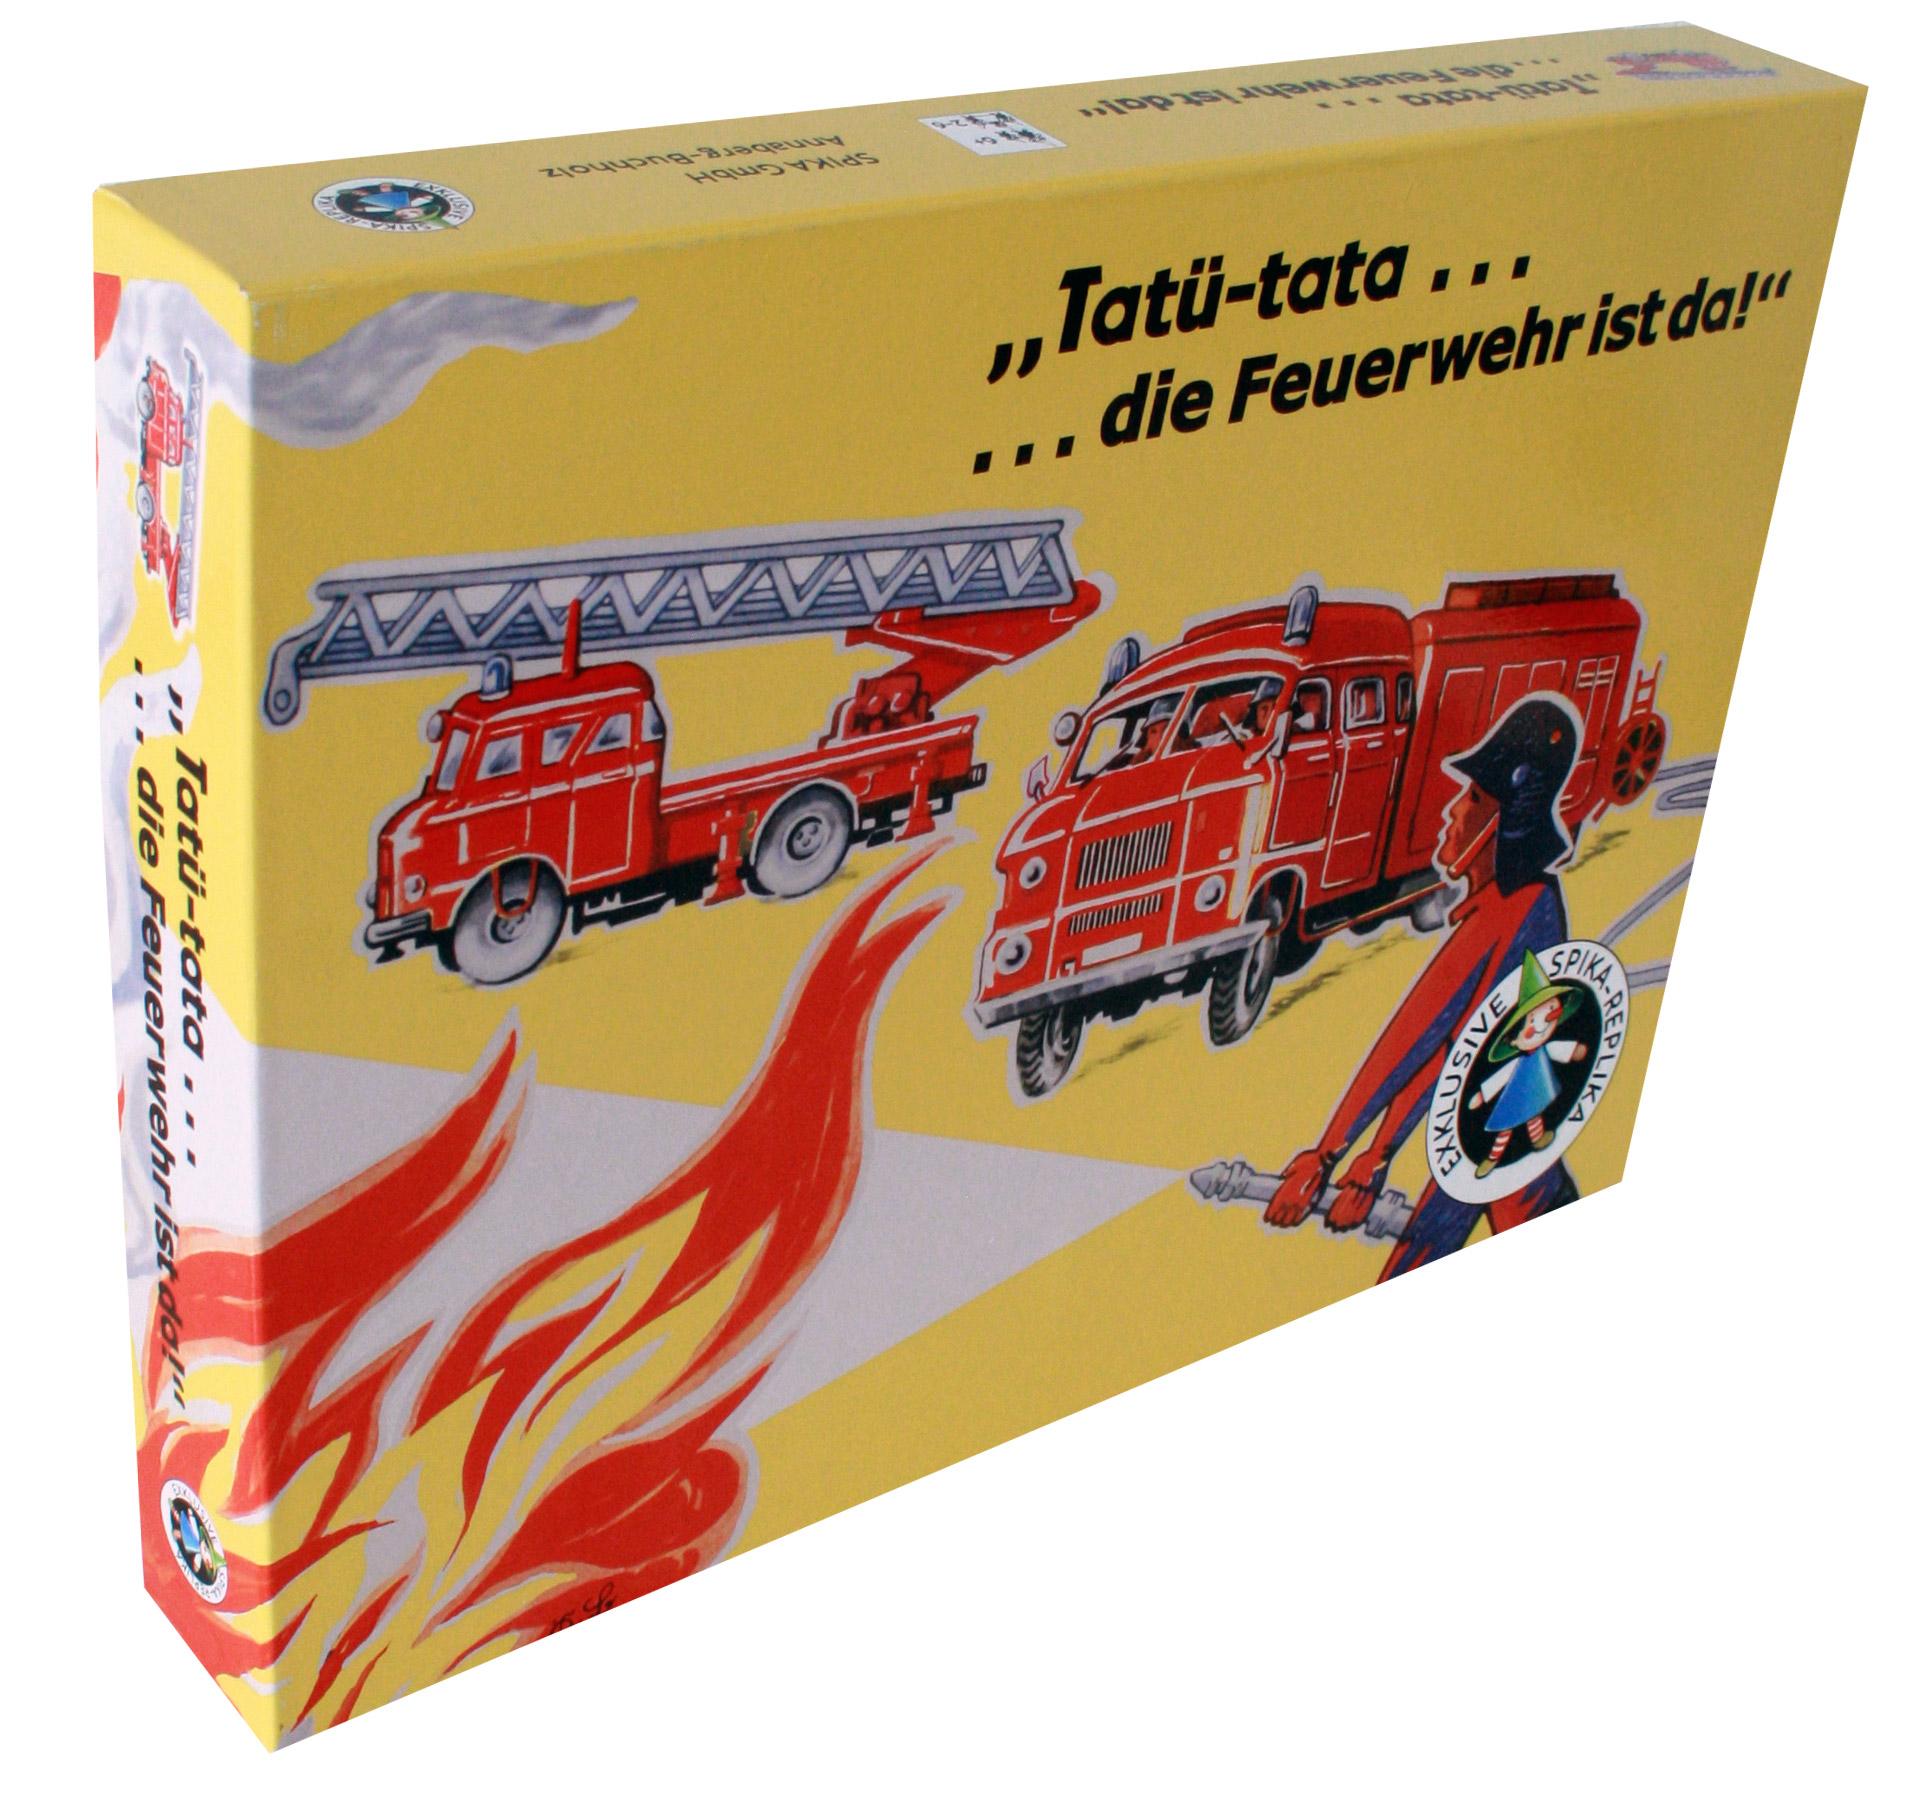 Tatü-tata..die Feuerwehr ist da